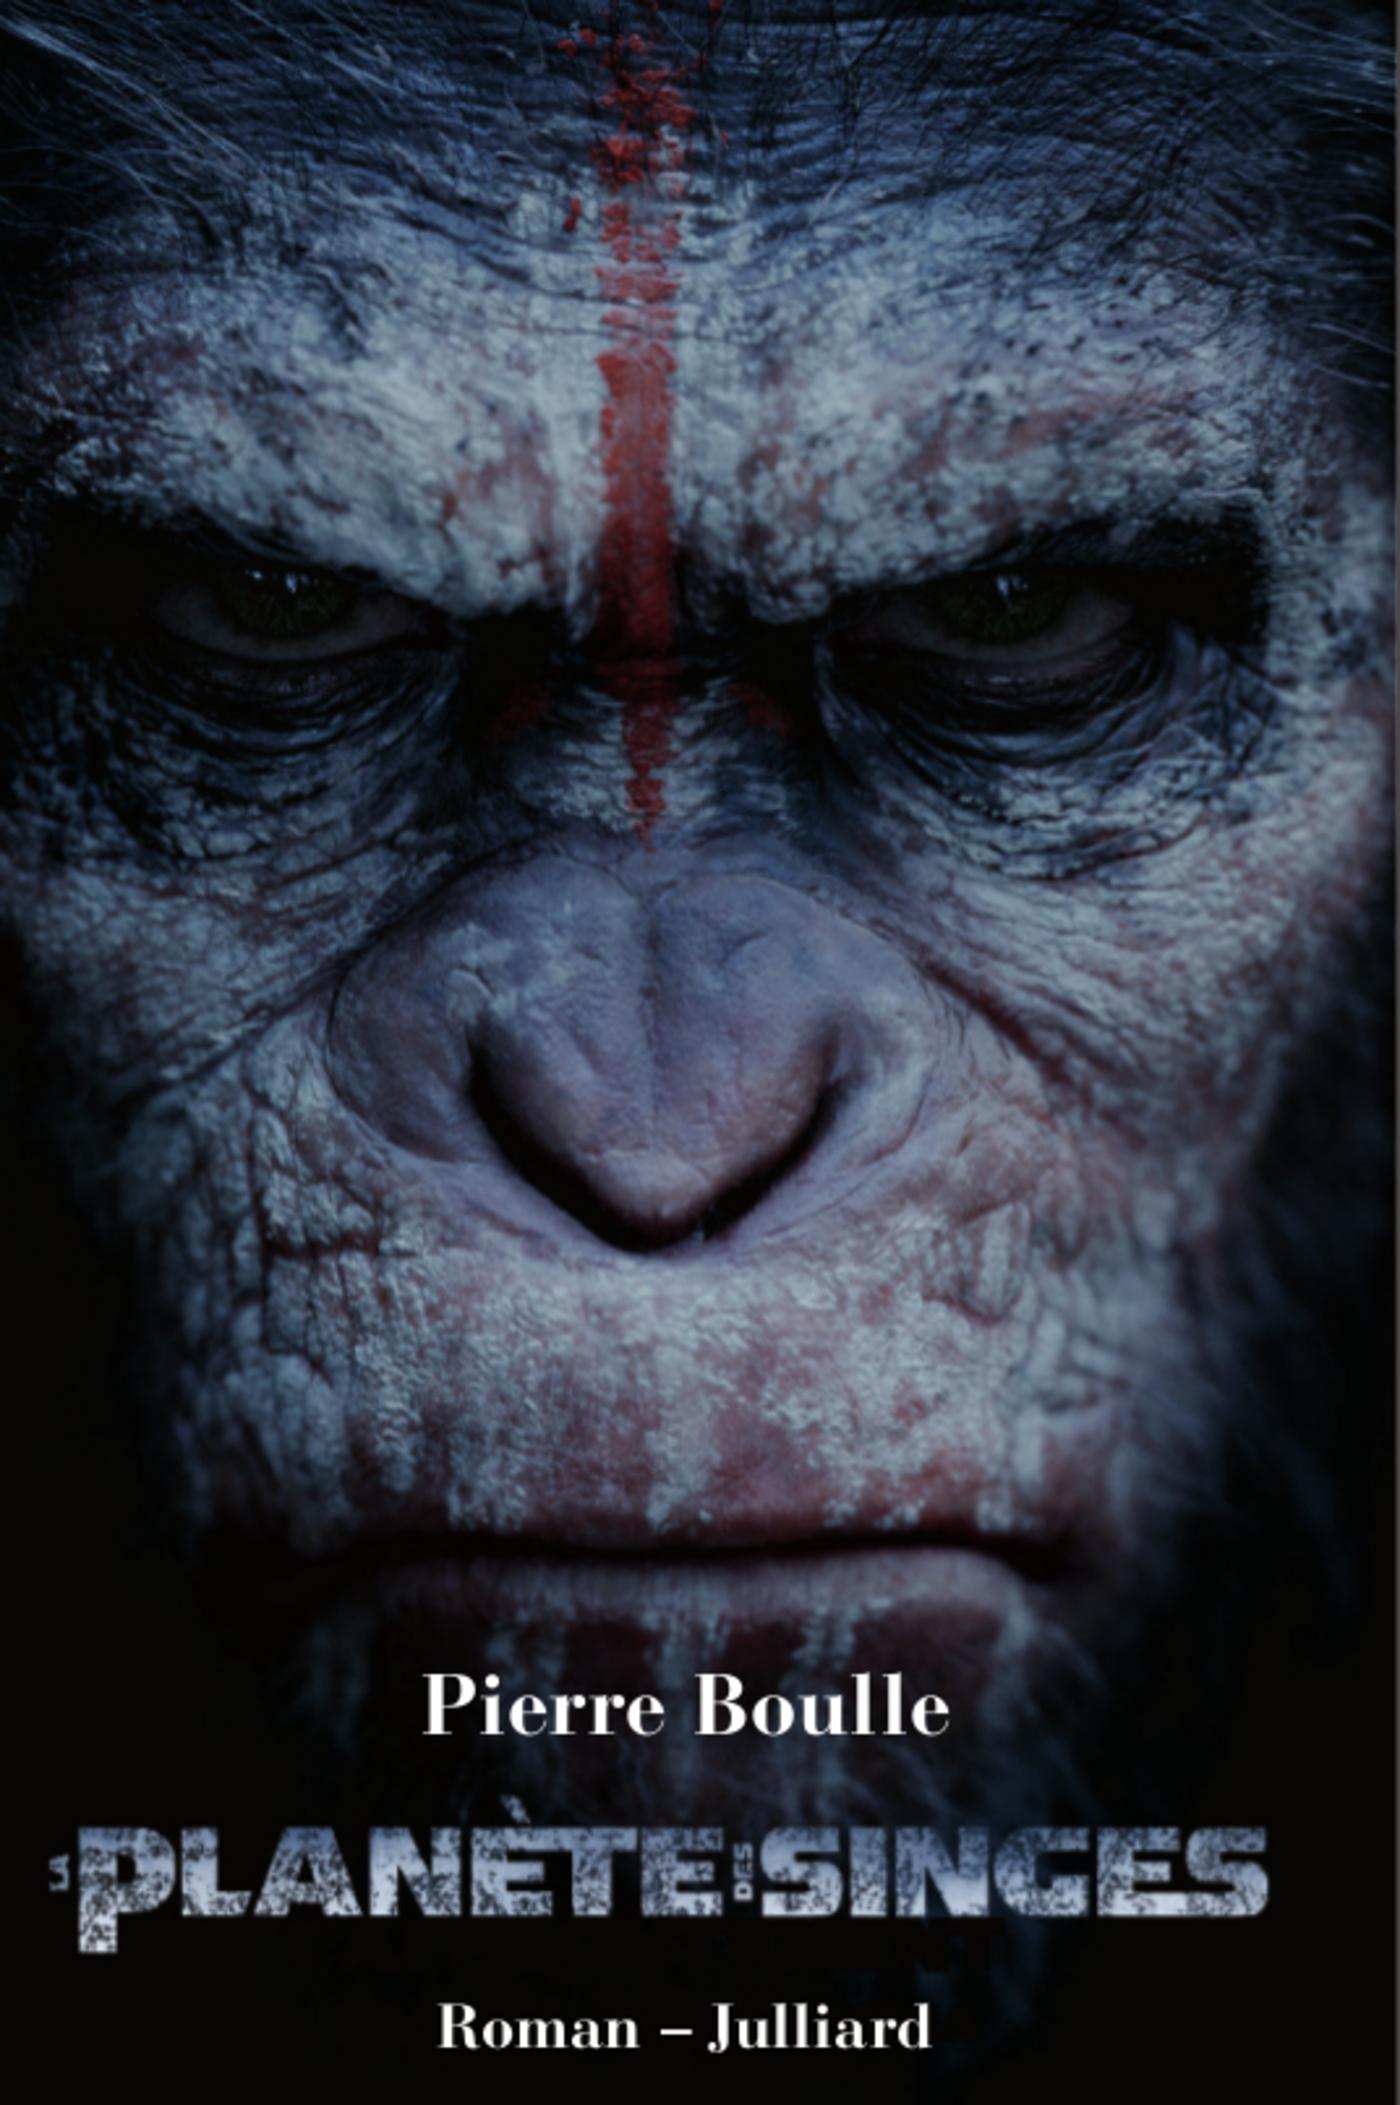 La Planète des singes | BOULLE, Pierre